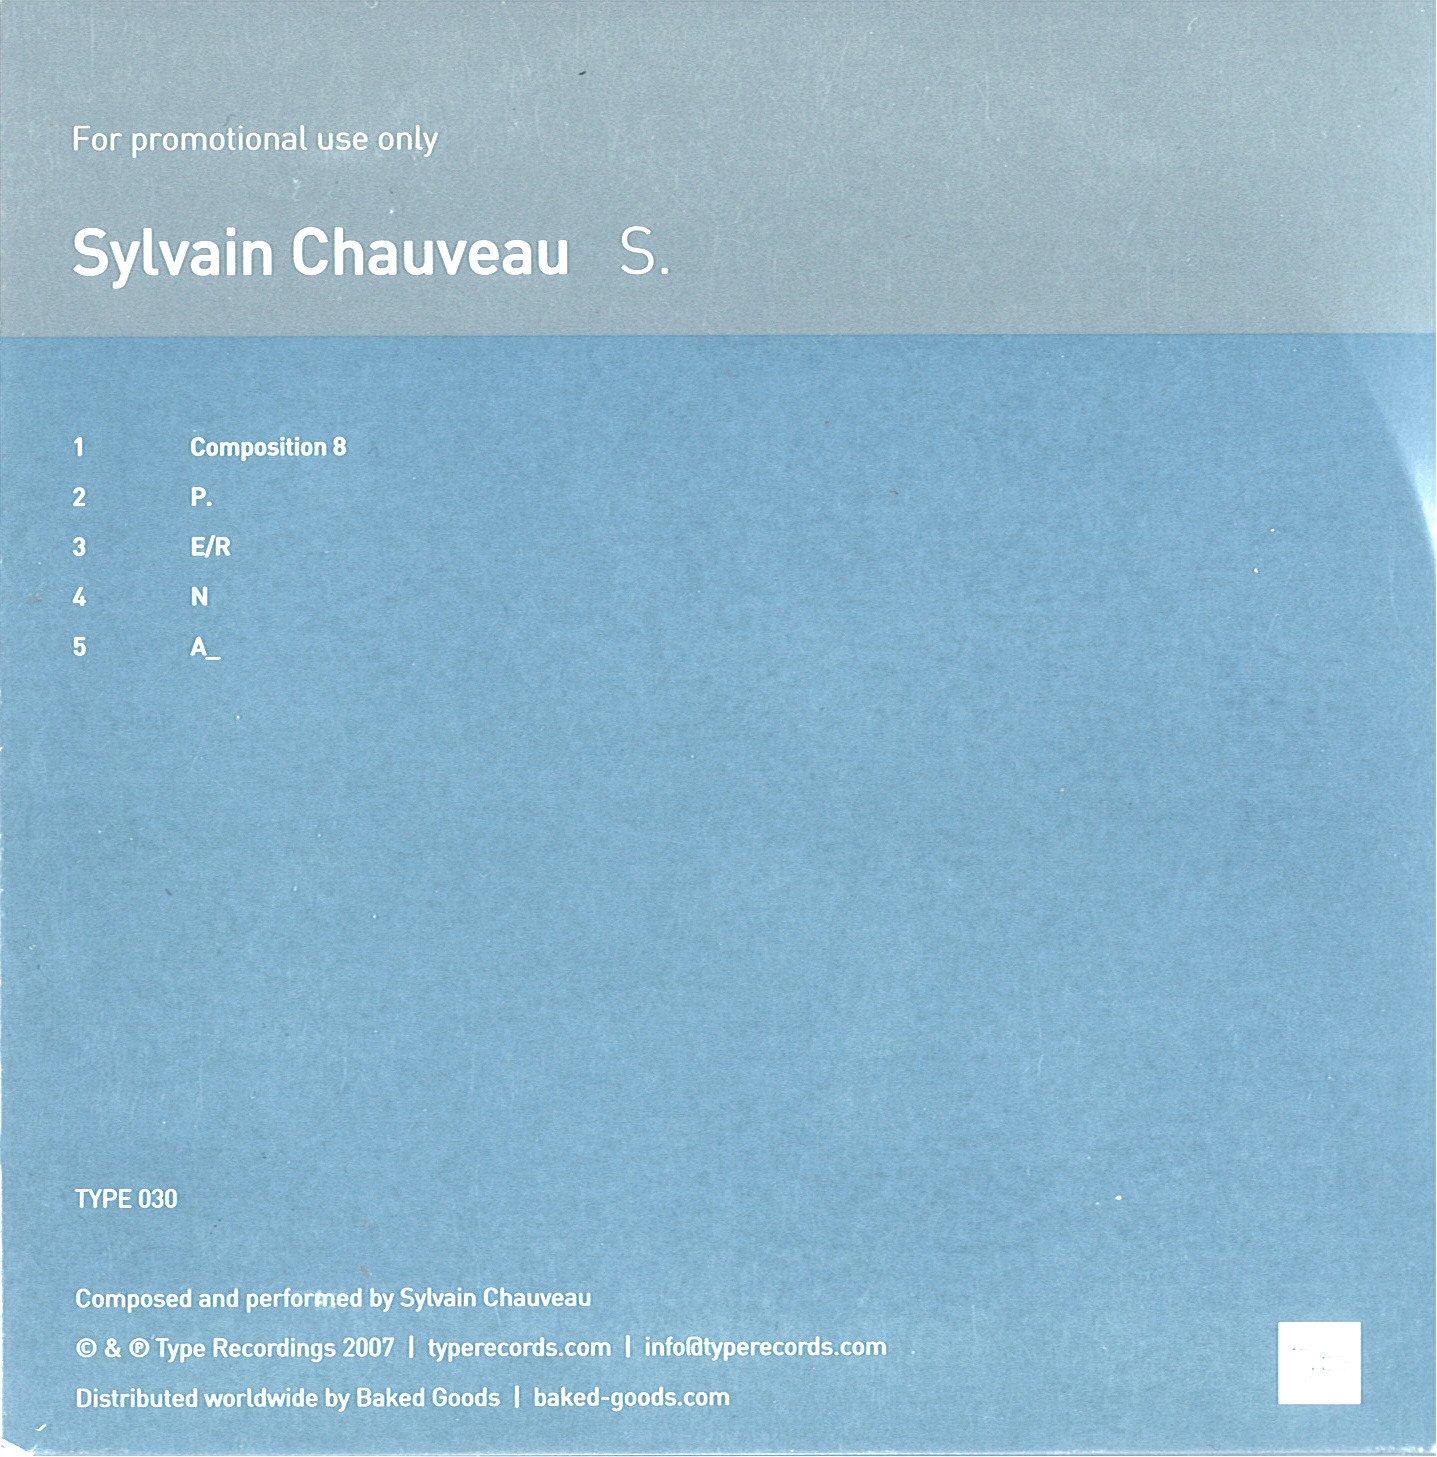 Sylvain Chauveau - S